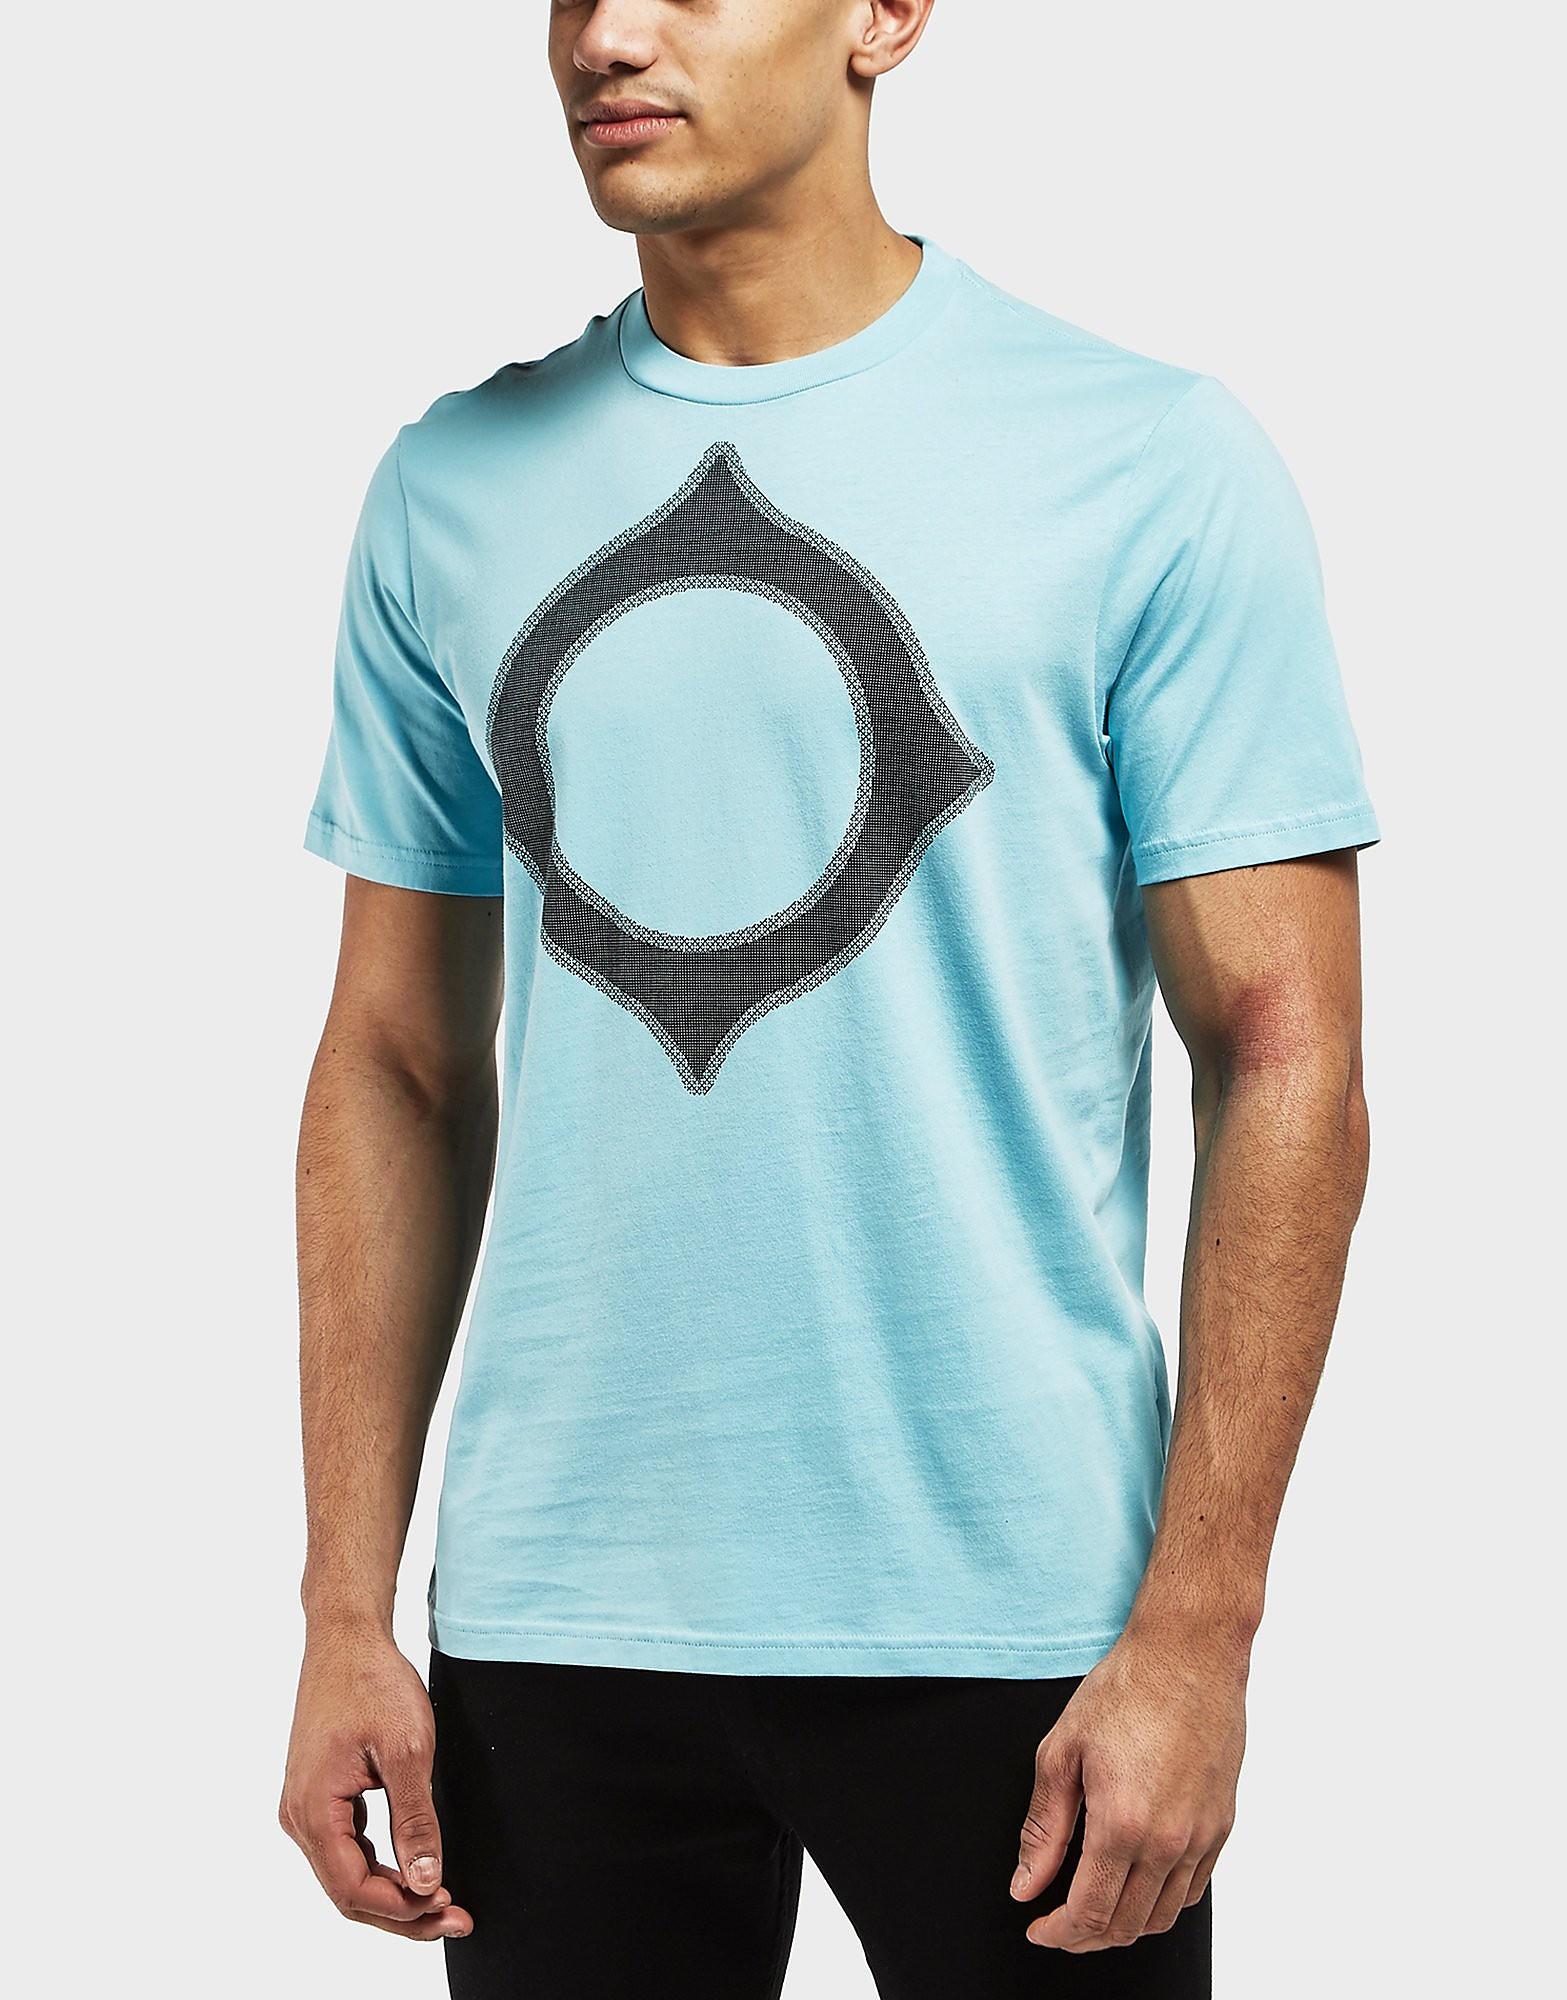 MA STRUM Pixelated Icon Short Sleeve T-Shirt